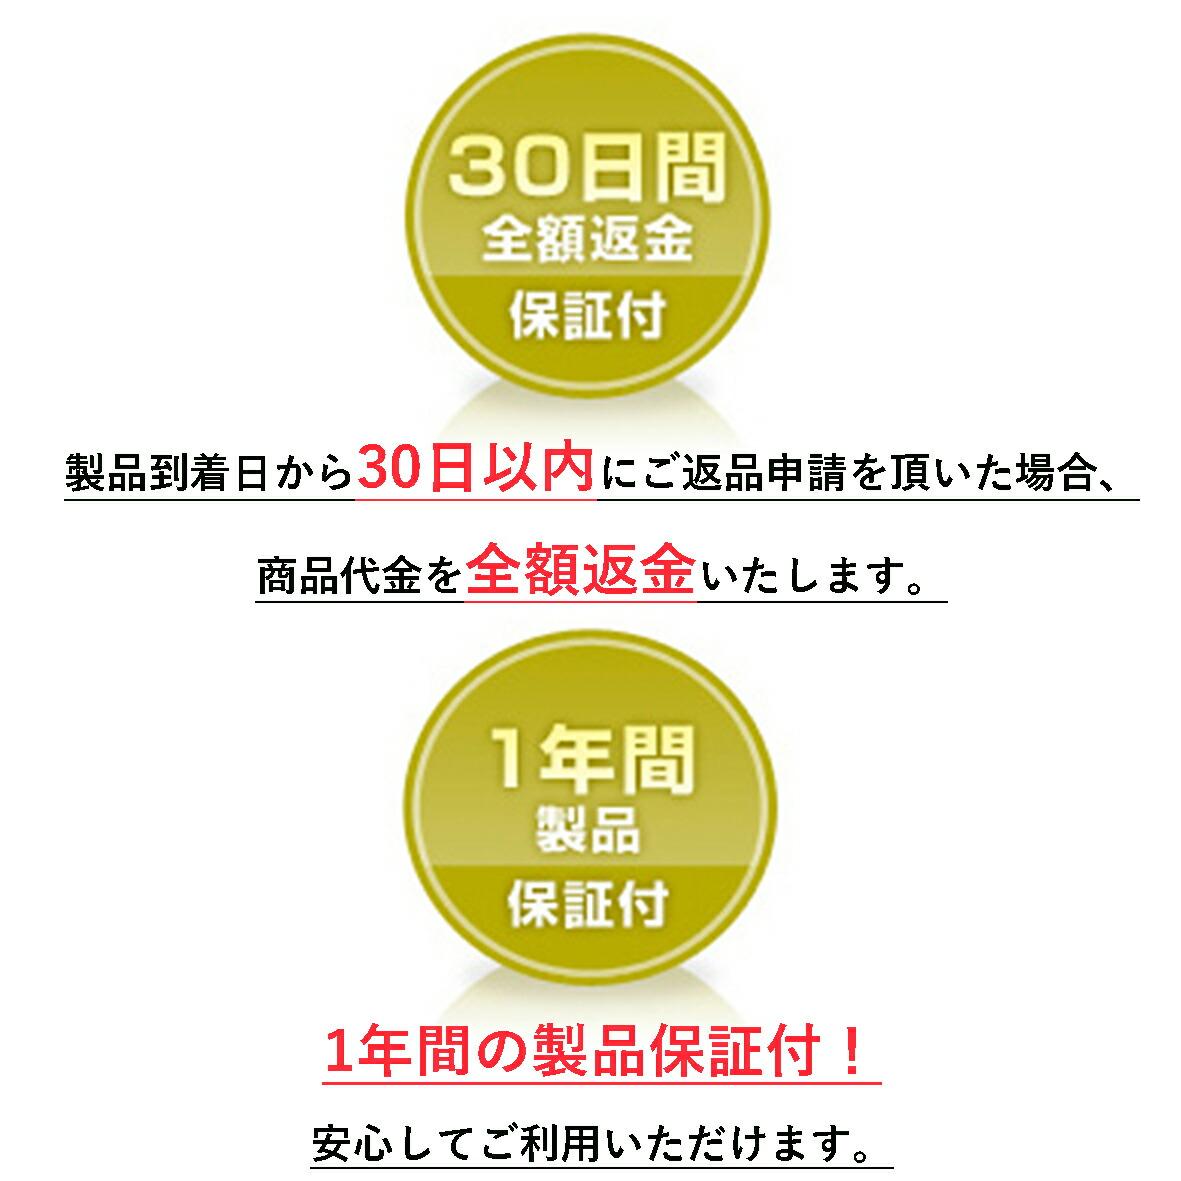 製品到着日から30日以内にご返信申請を頂いた場合、商品代金を全額返金いたします。 1年間の製品保証付! 安心してご利用いただけます。